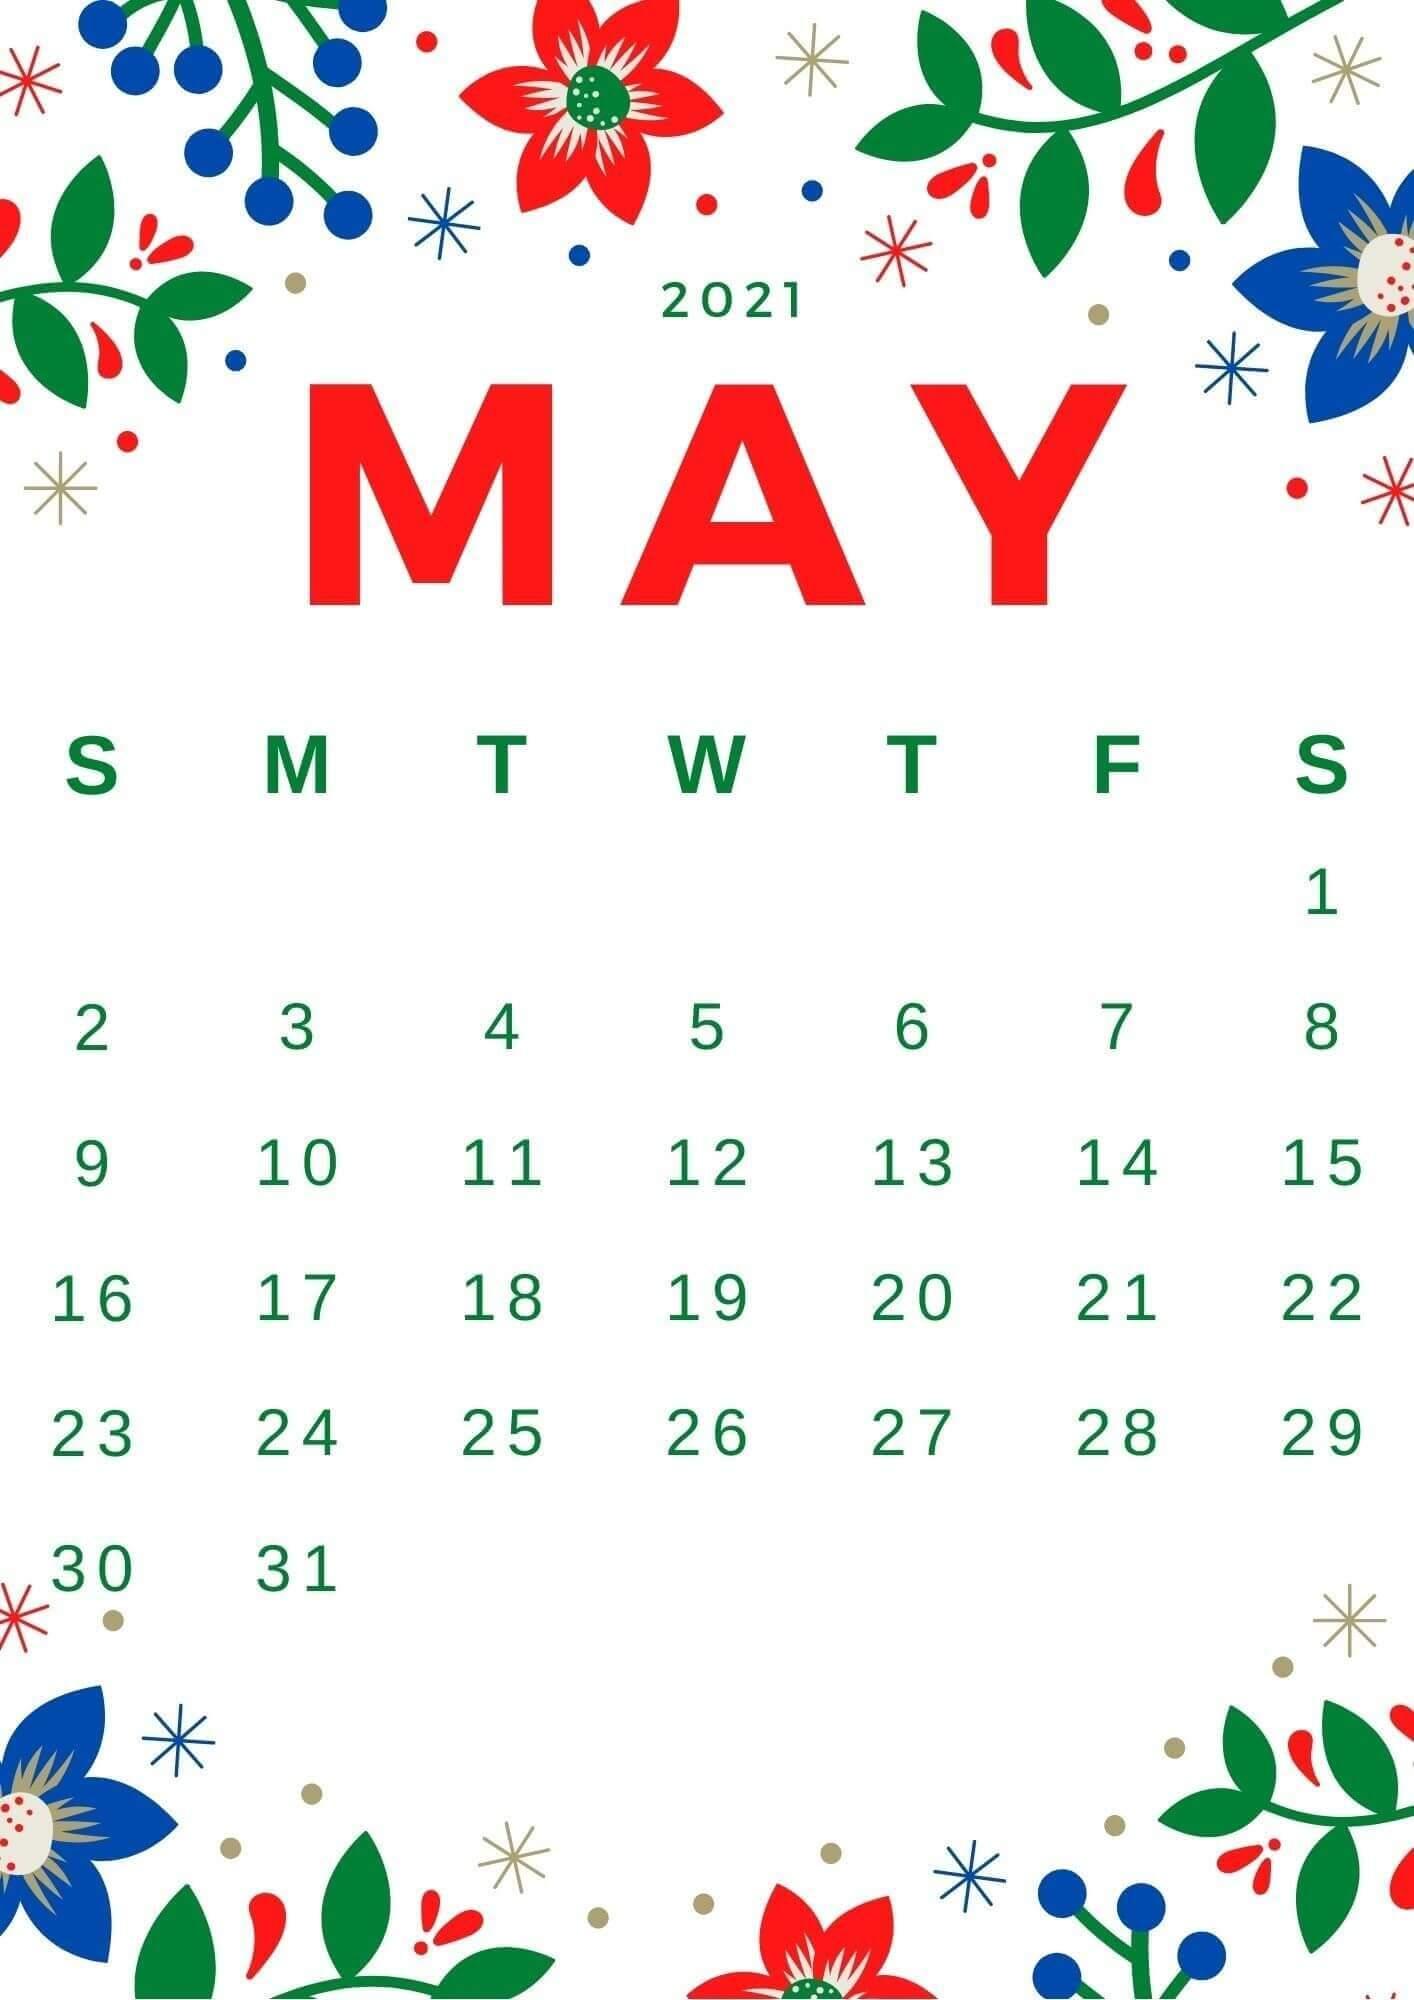 Cute May 2021 Calendar Wallpaper